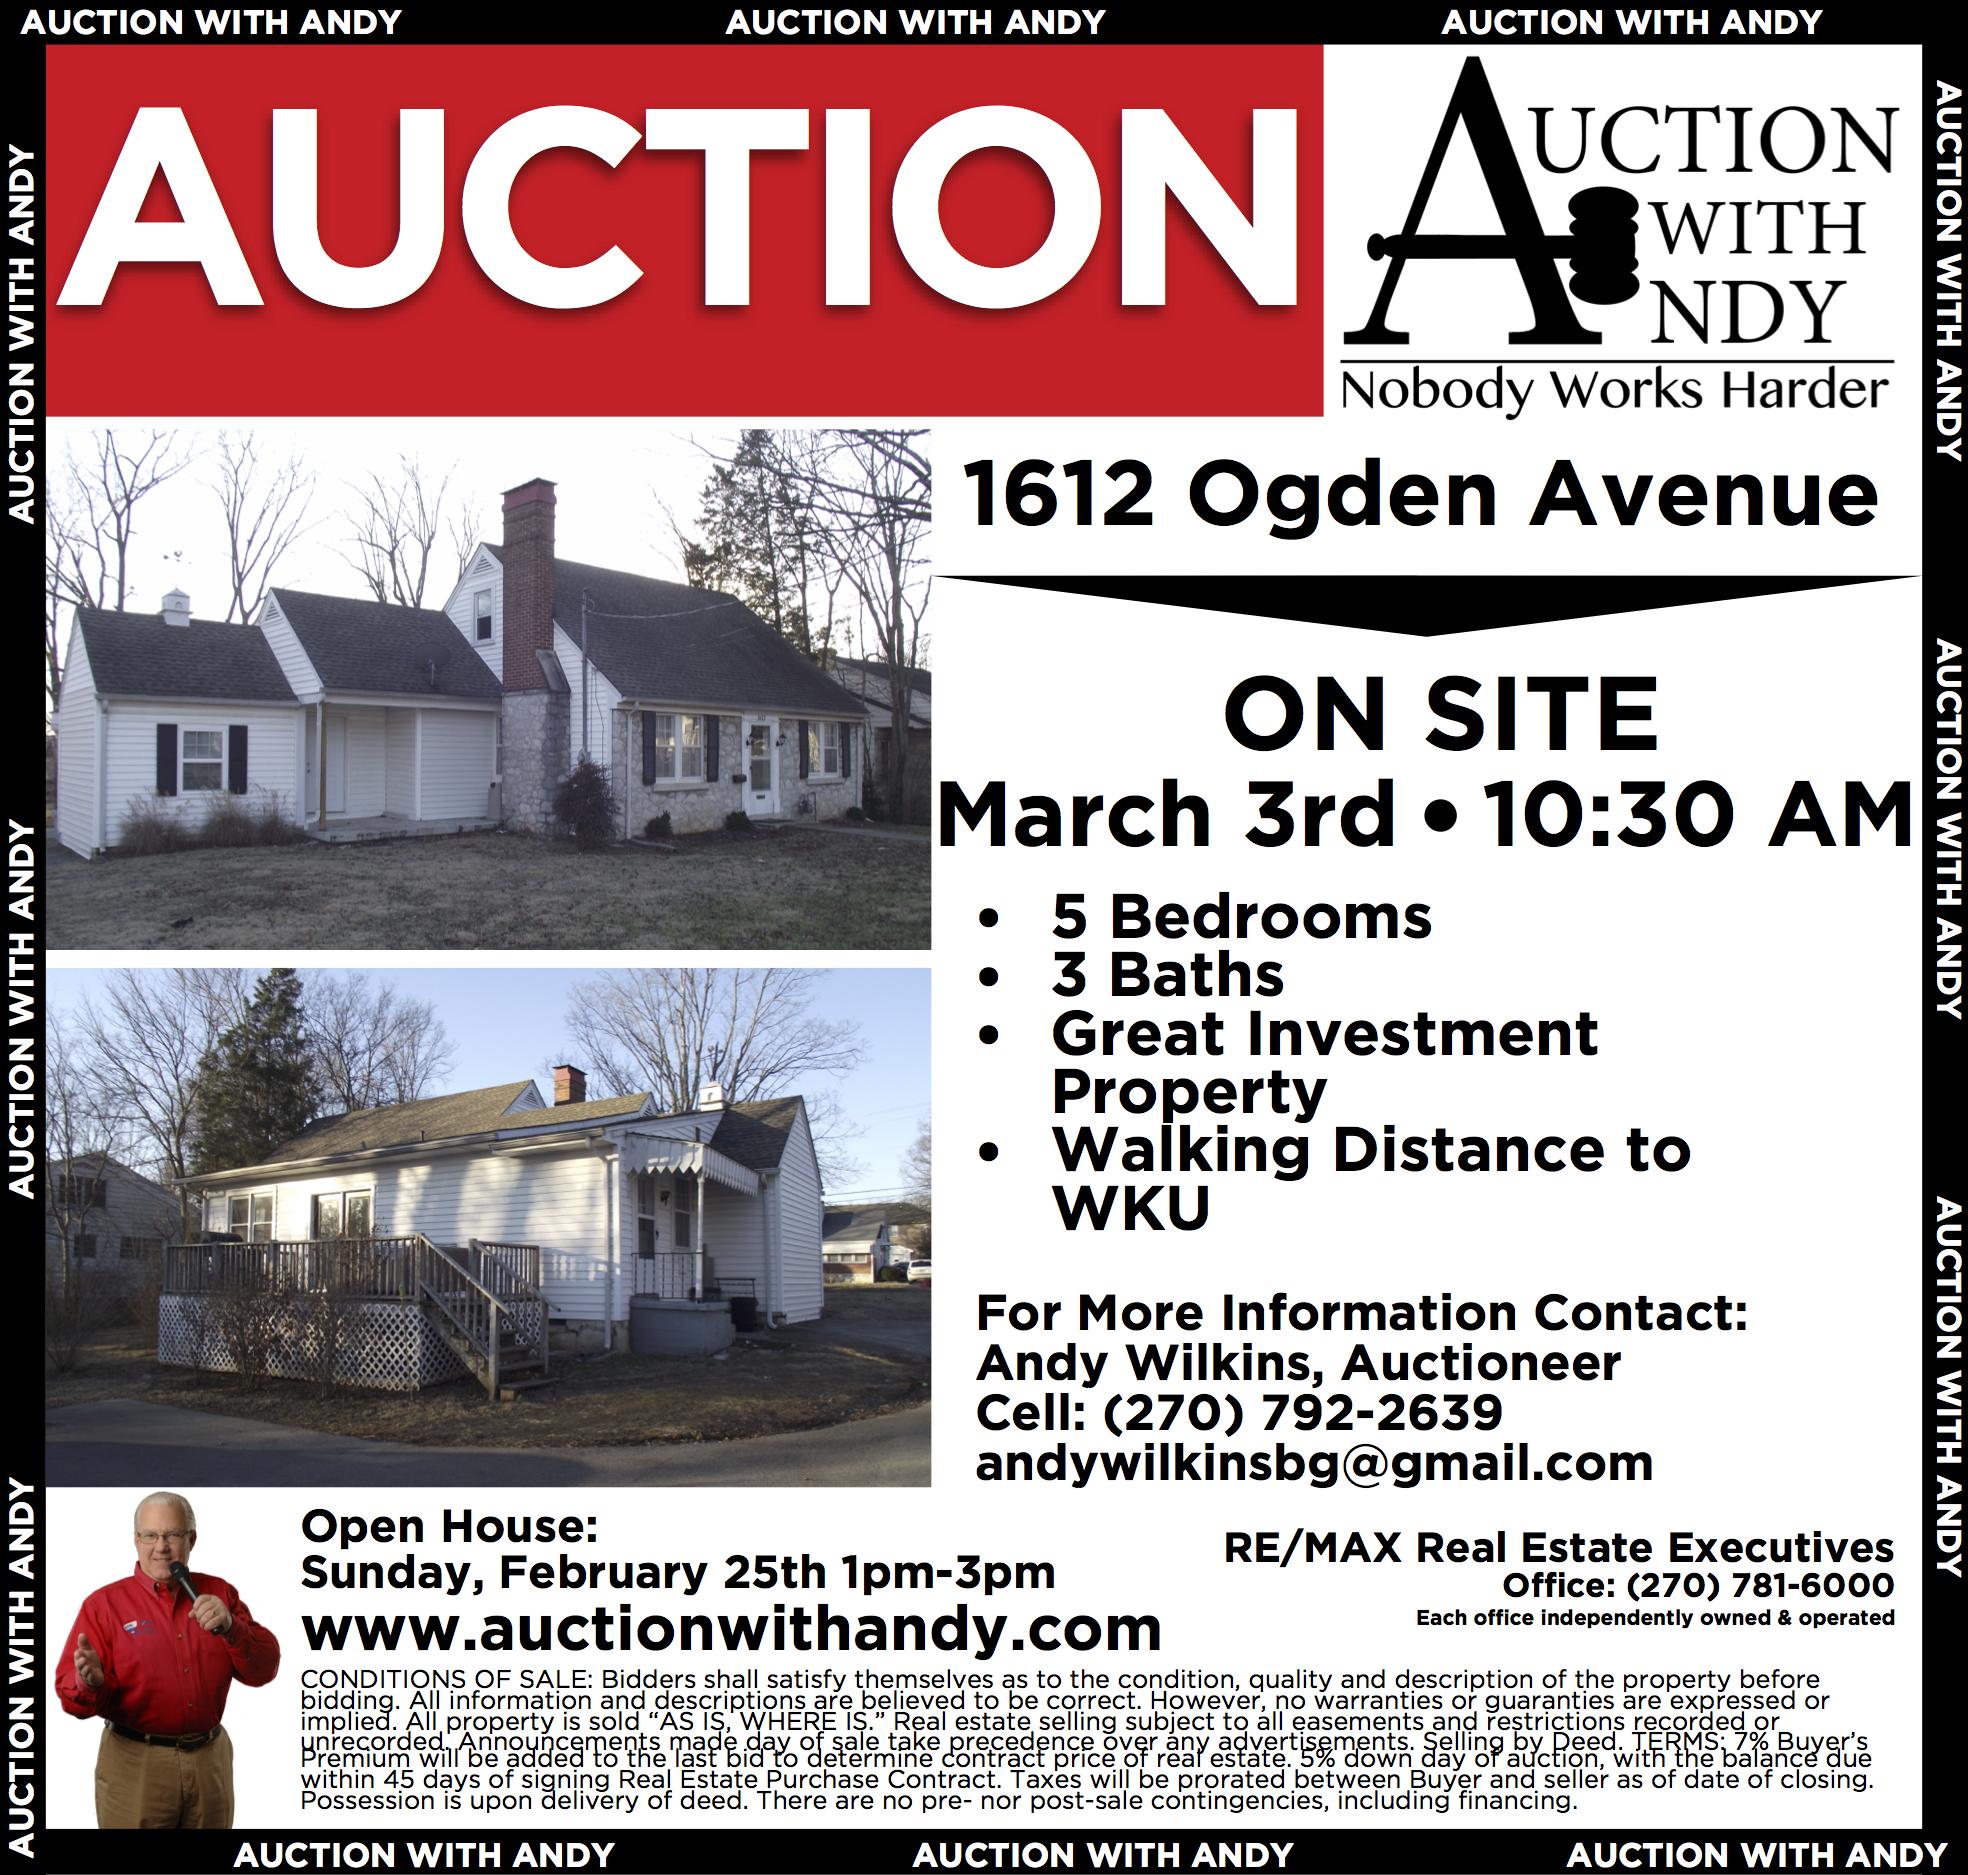 1612 Ogden Avenue Auction Ad Color.jpg